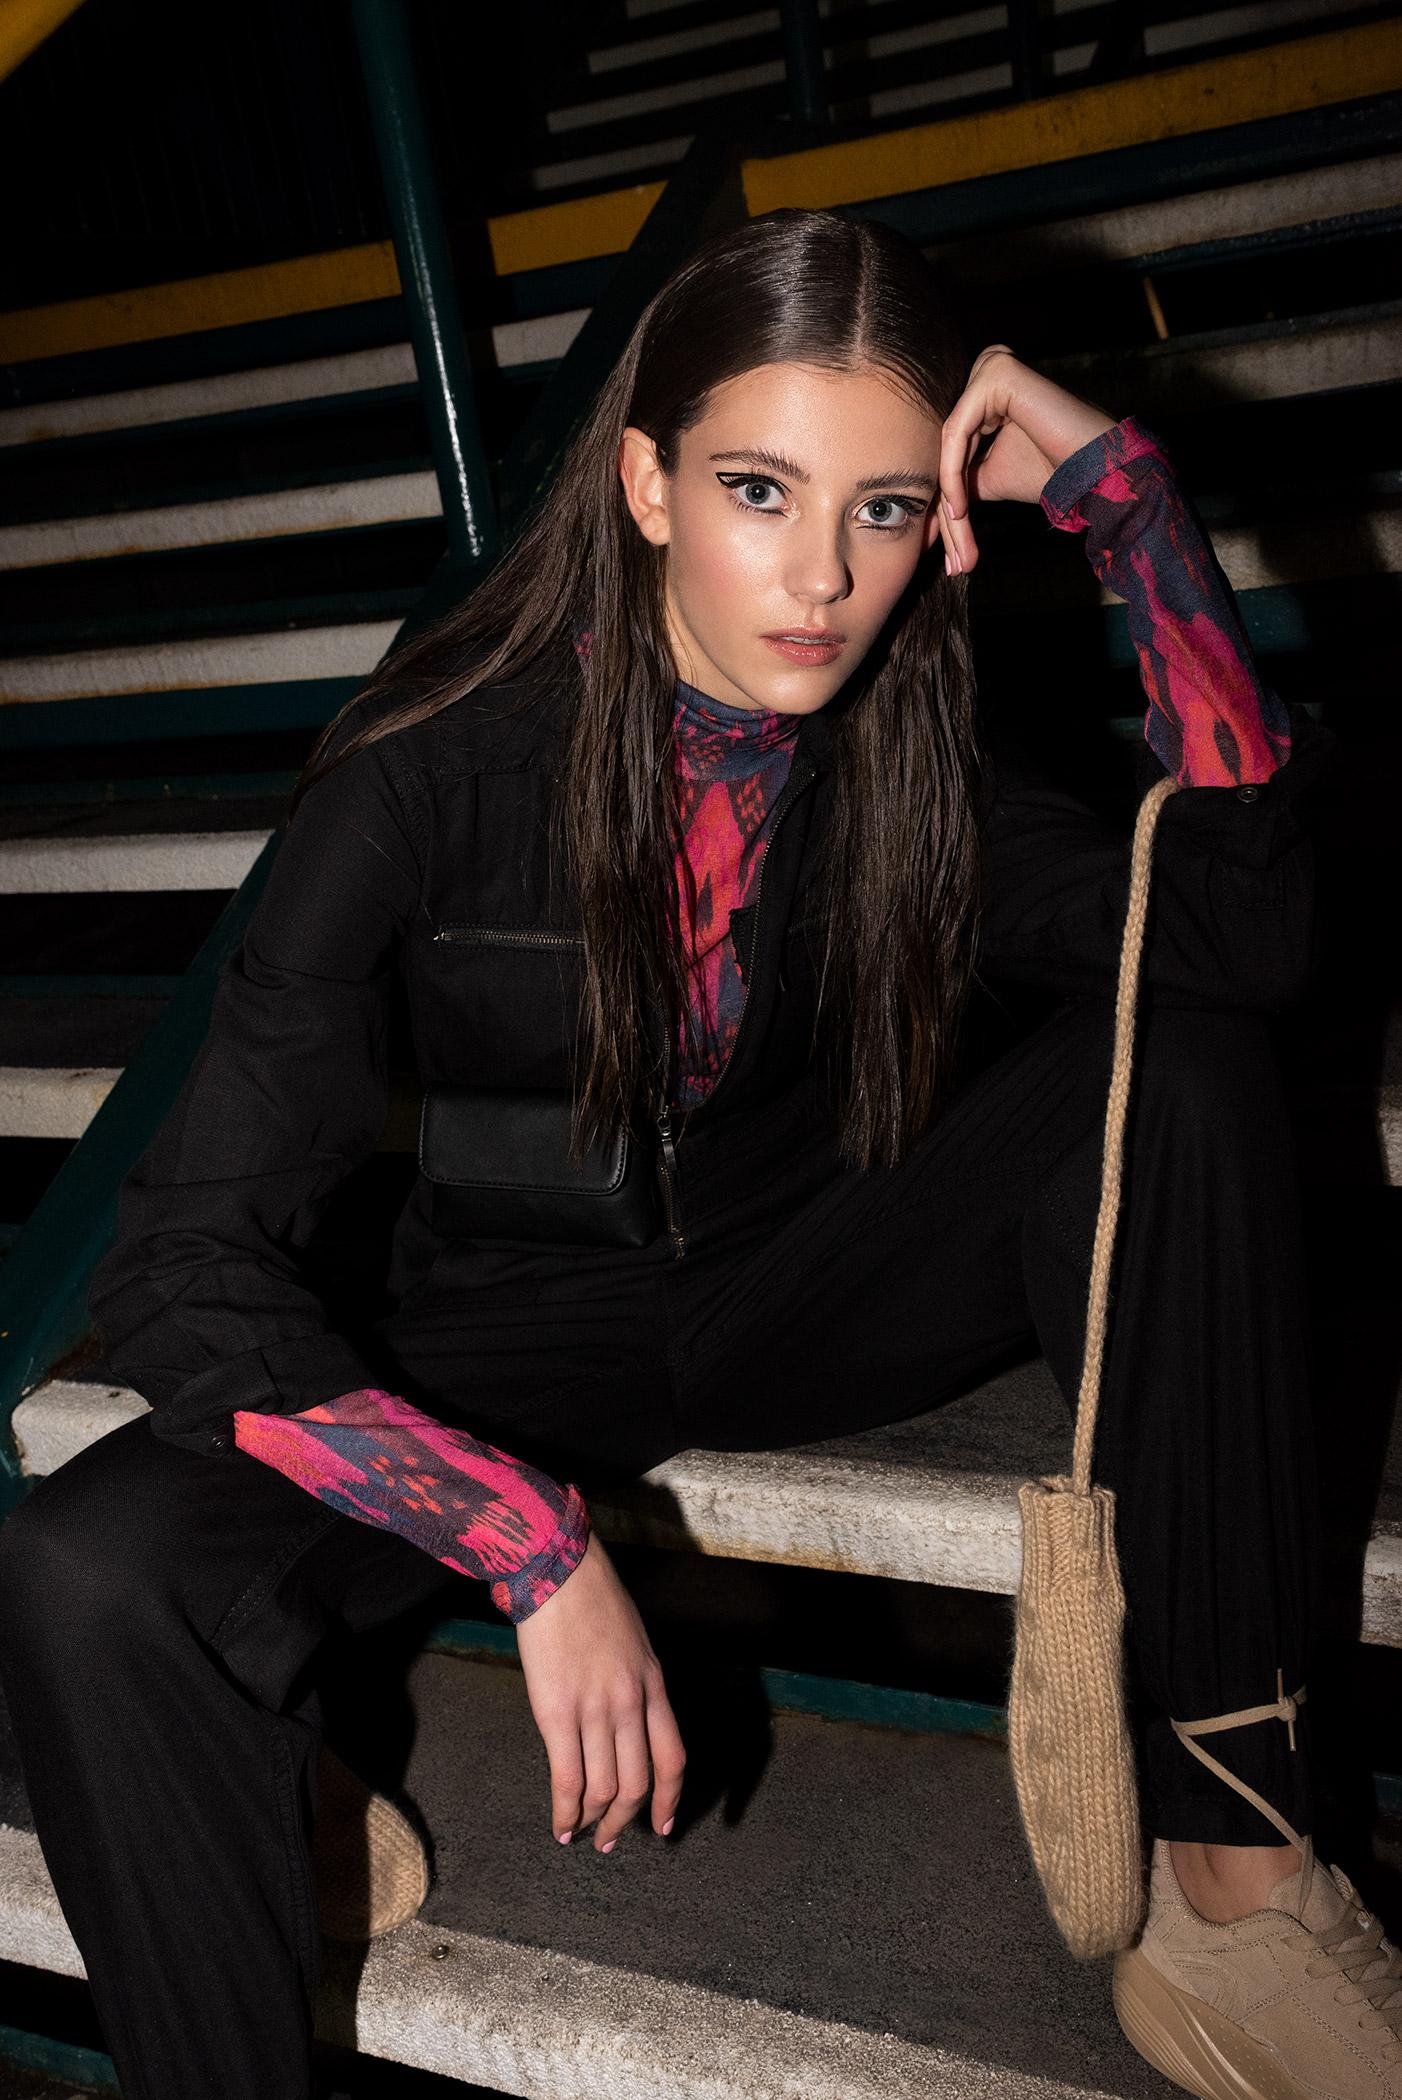 Crop-black-jumpsuit-stairs-5843.jpg